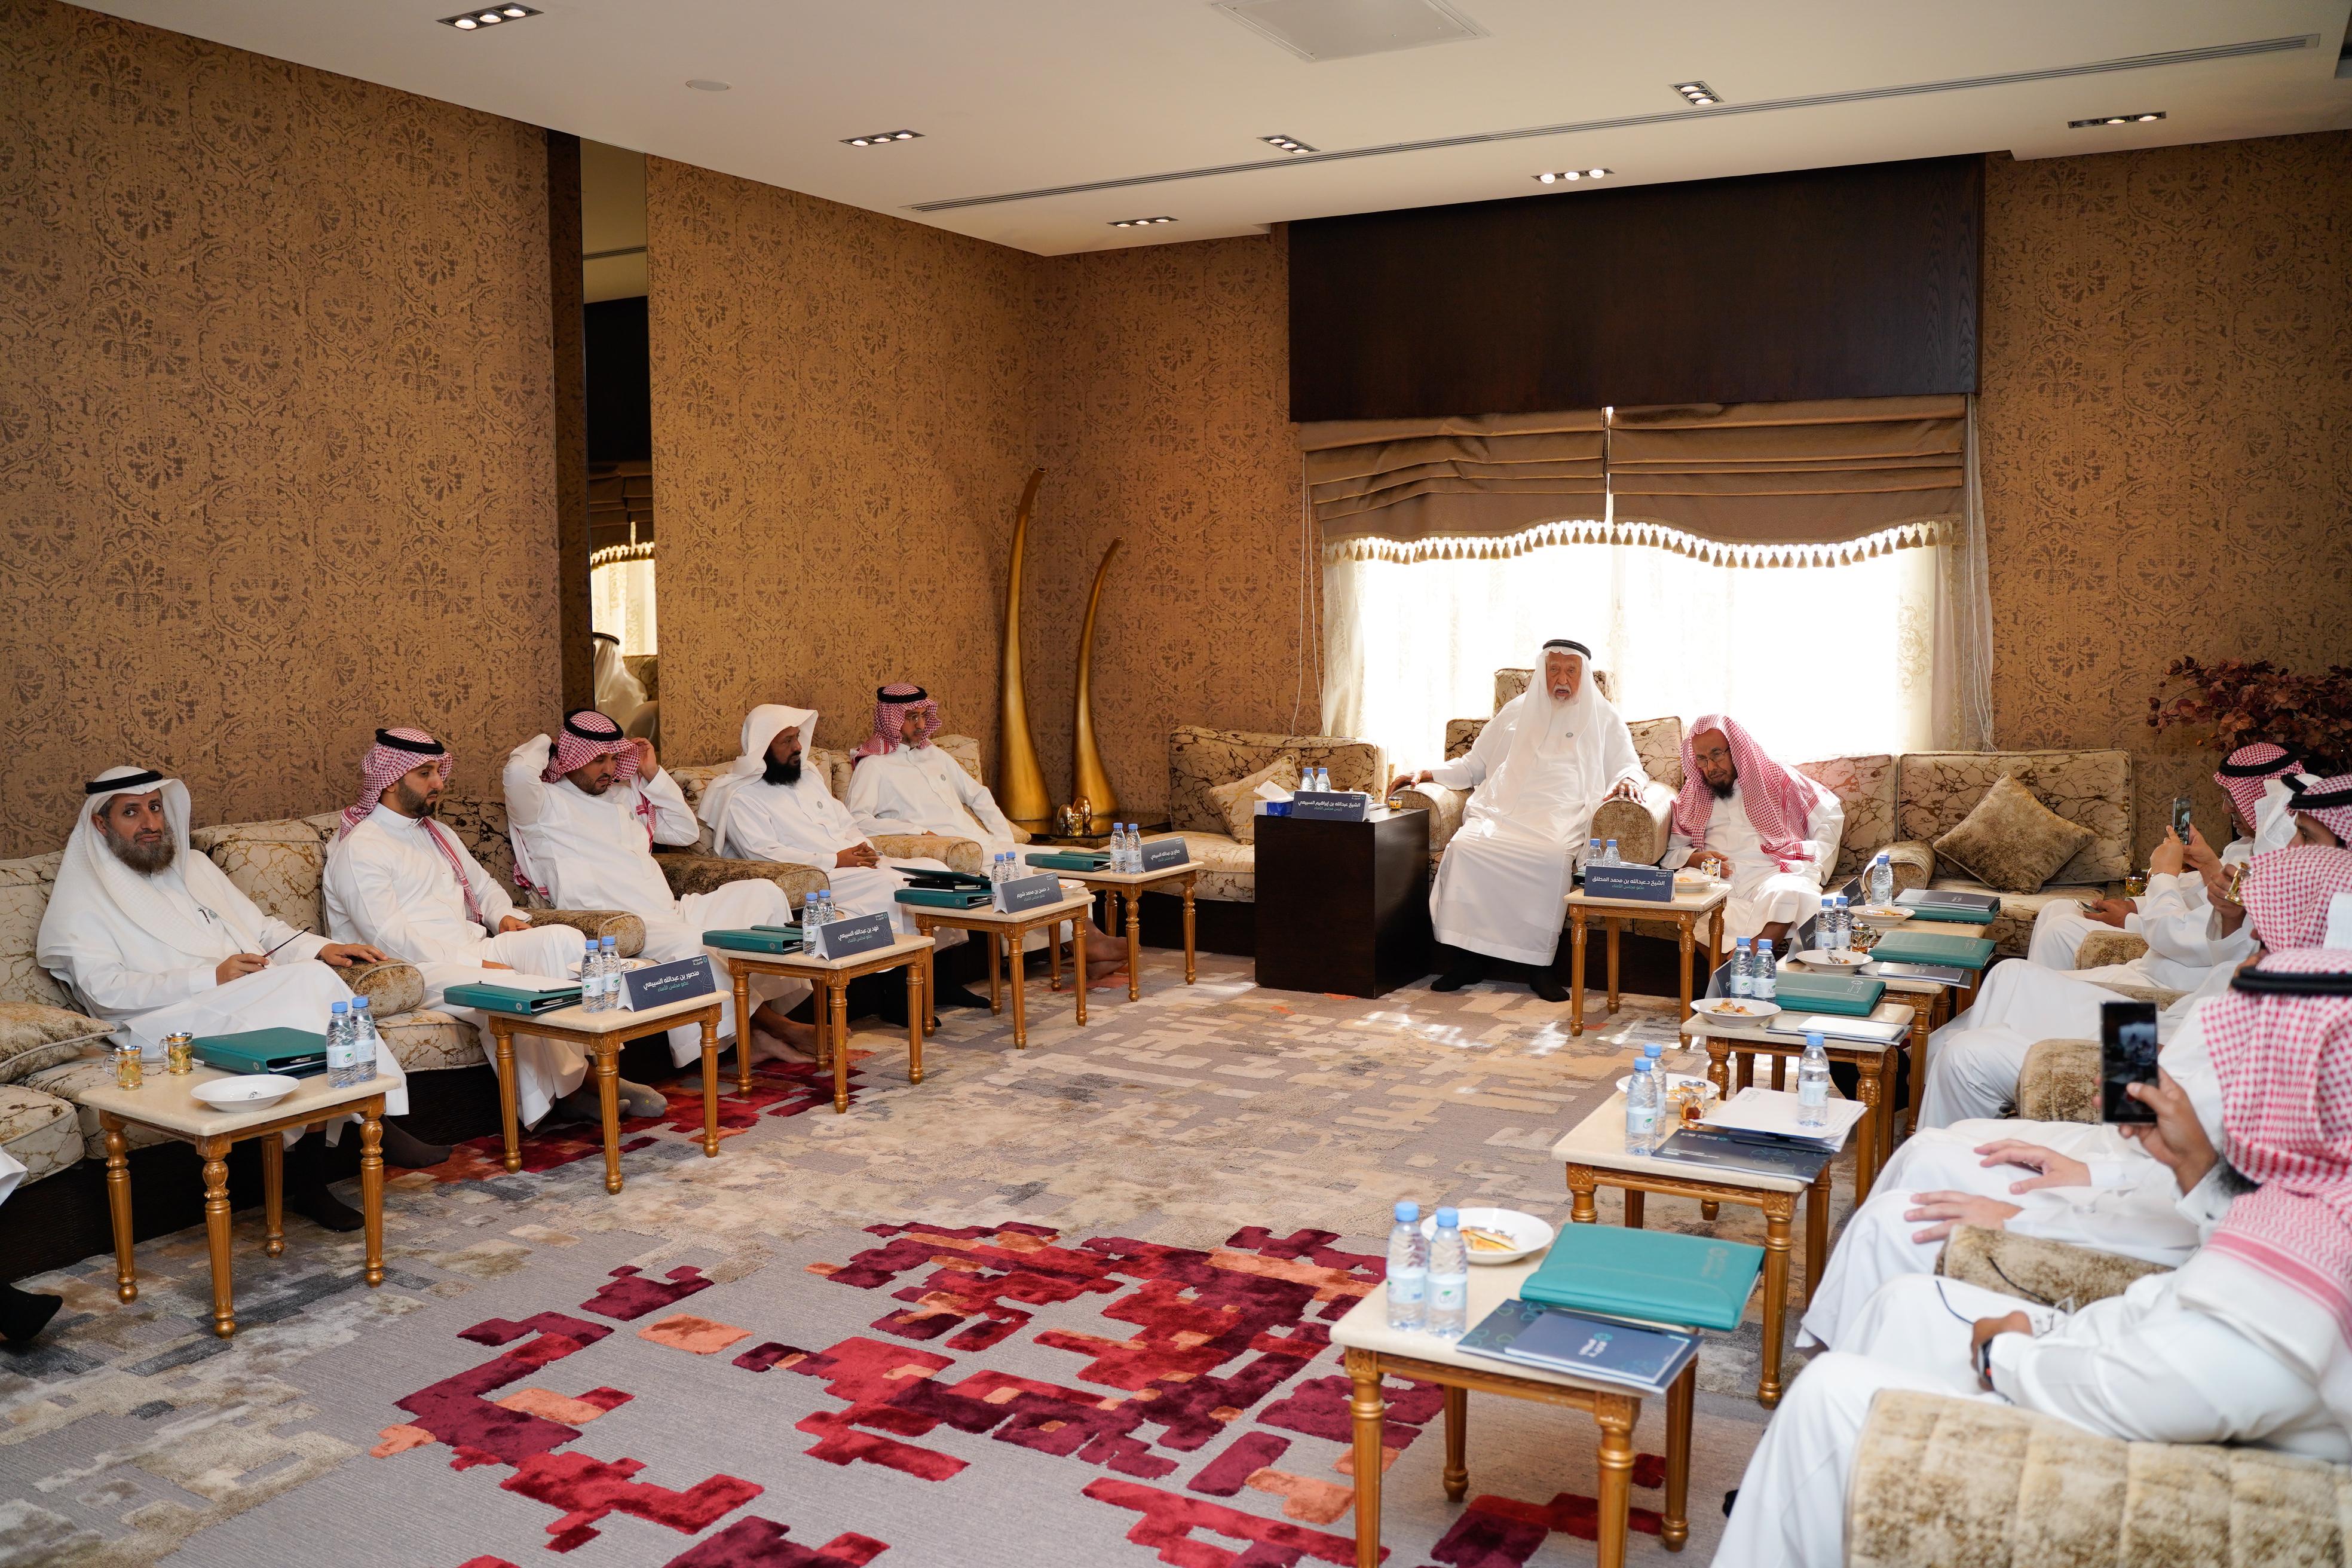 اجتماع مجلس الأمناء الثاني لمؤسسة عبدالله بن إبراهيم السبيعي الخيرية